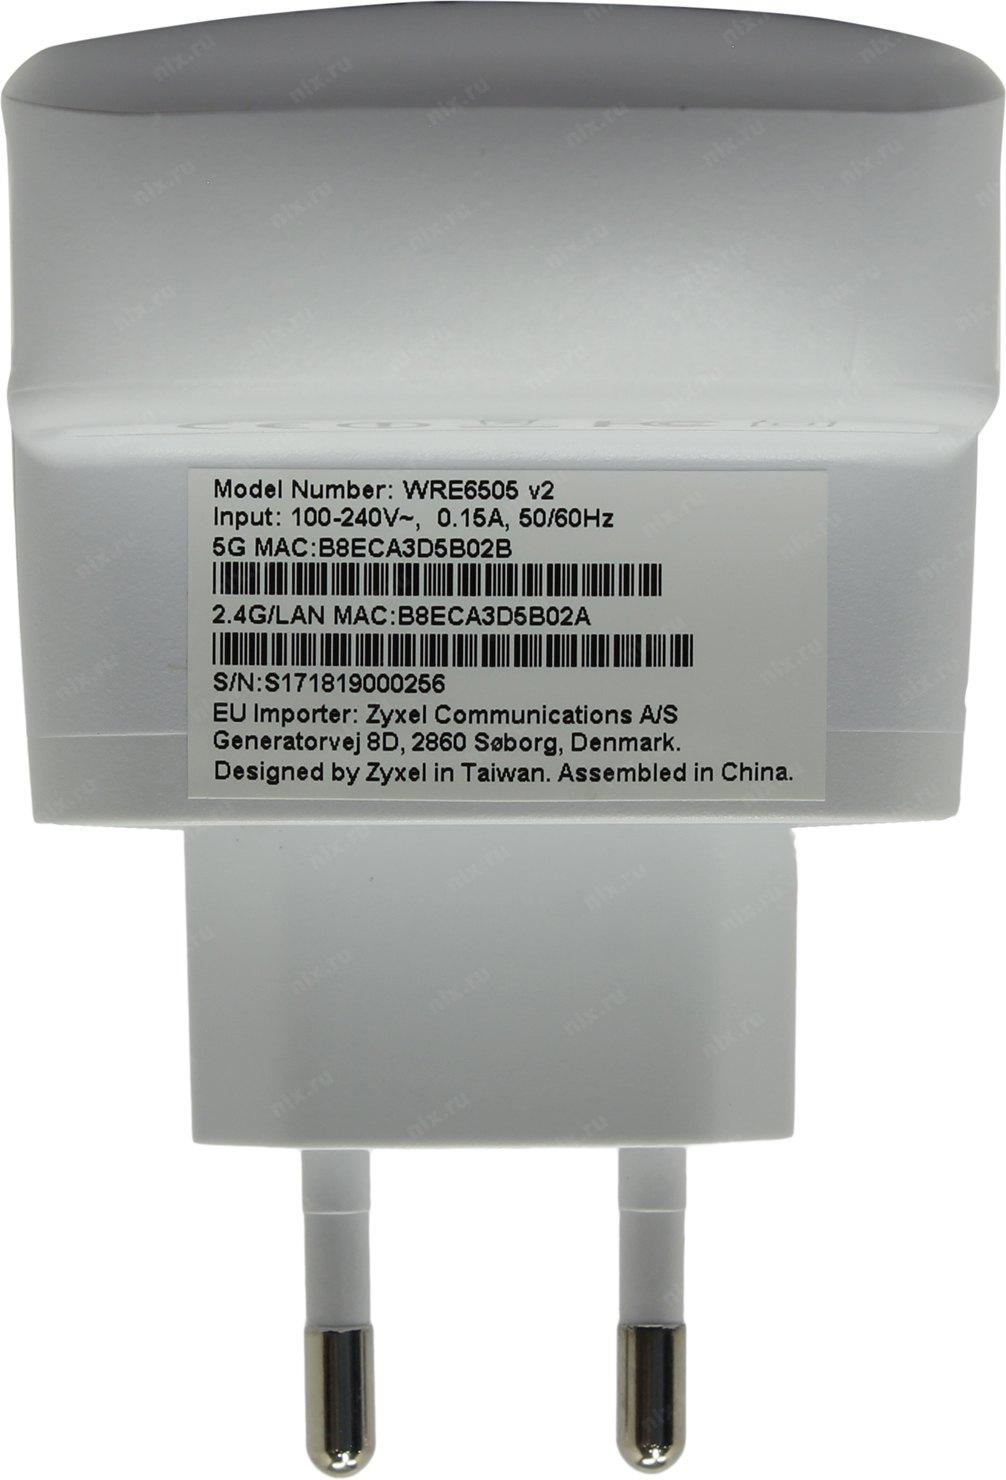 WRE6505 v2